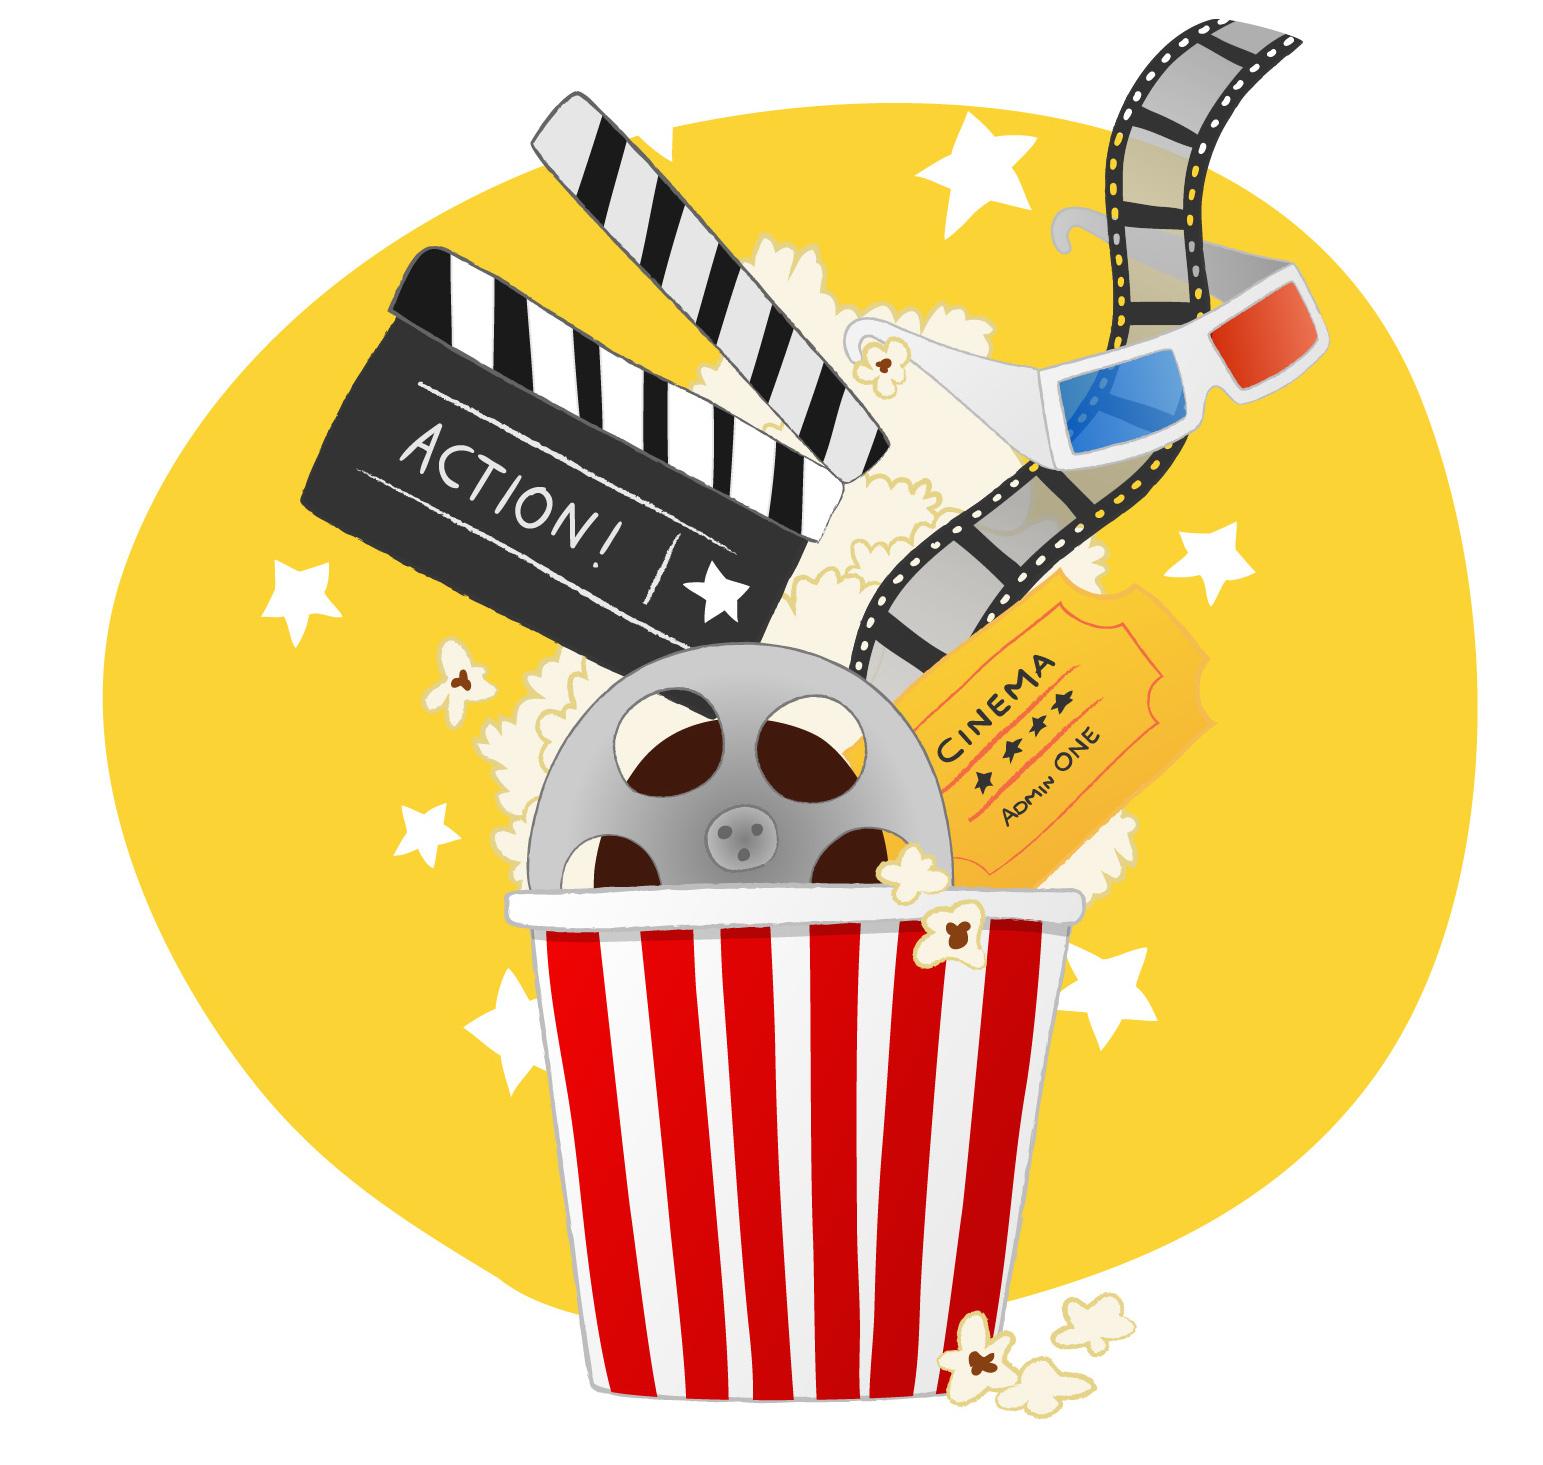 كيفية تعلم الانجليزية من الافلام الانجليزية؟